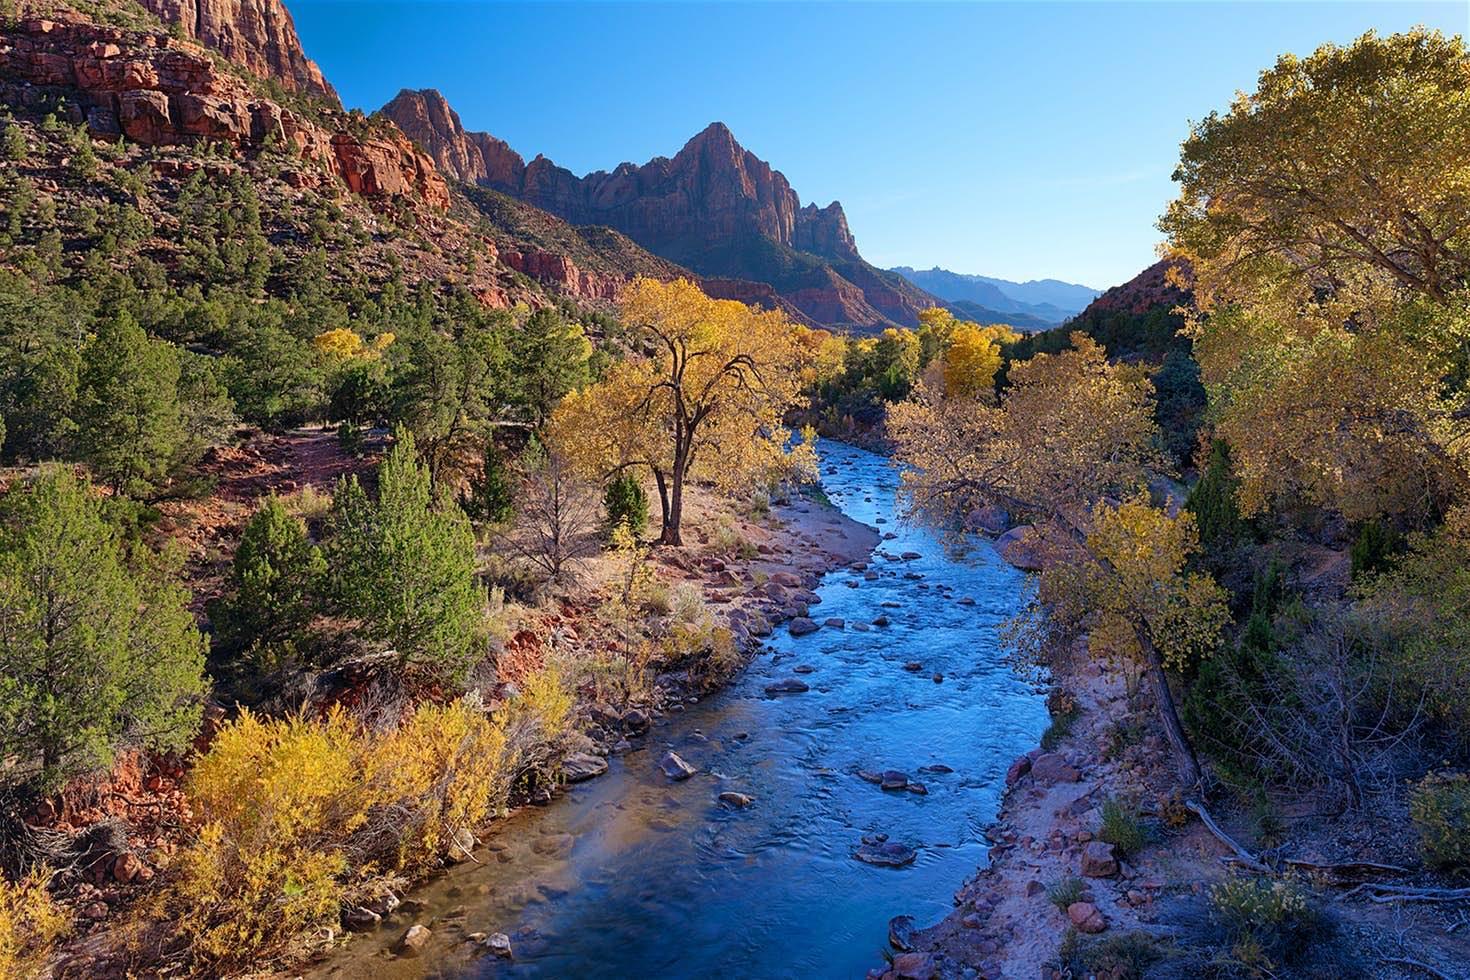 Manchas de brillantes arces, robles de color naranja y amarillos de álamos que trazan arroyos. TODO en contraste con el cielo azul del desierto y las pálidas rocas de Zion.